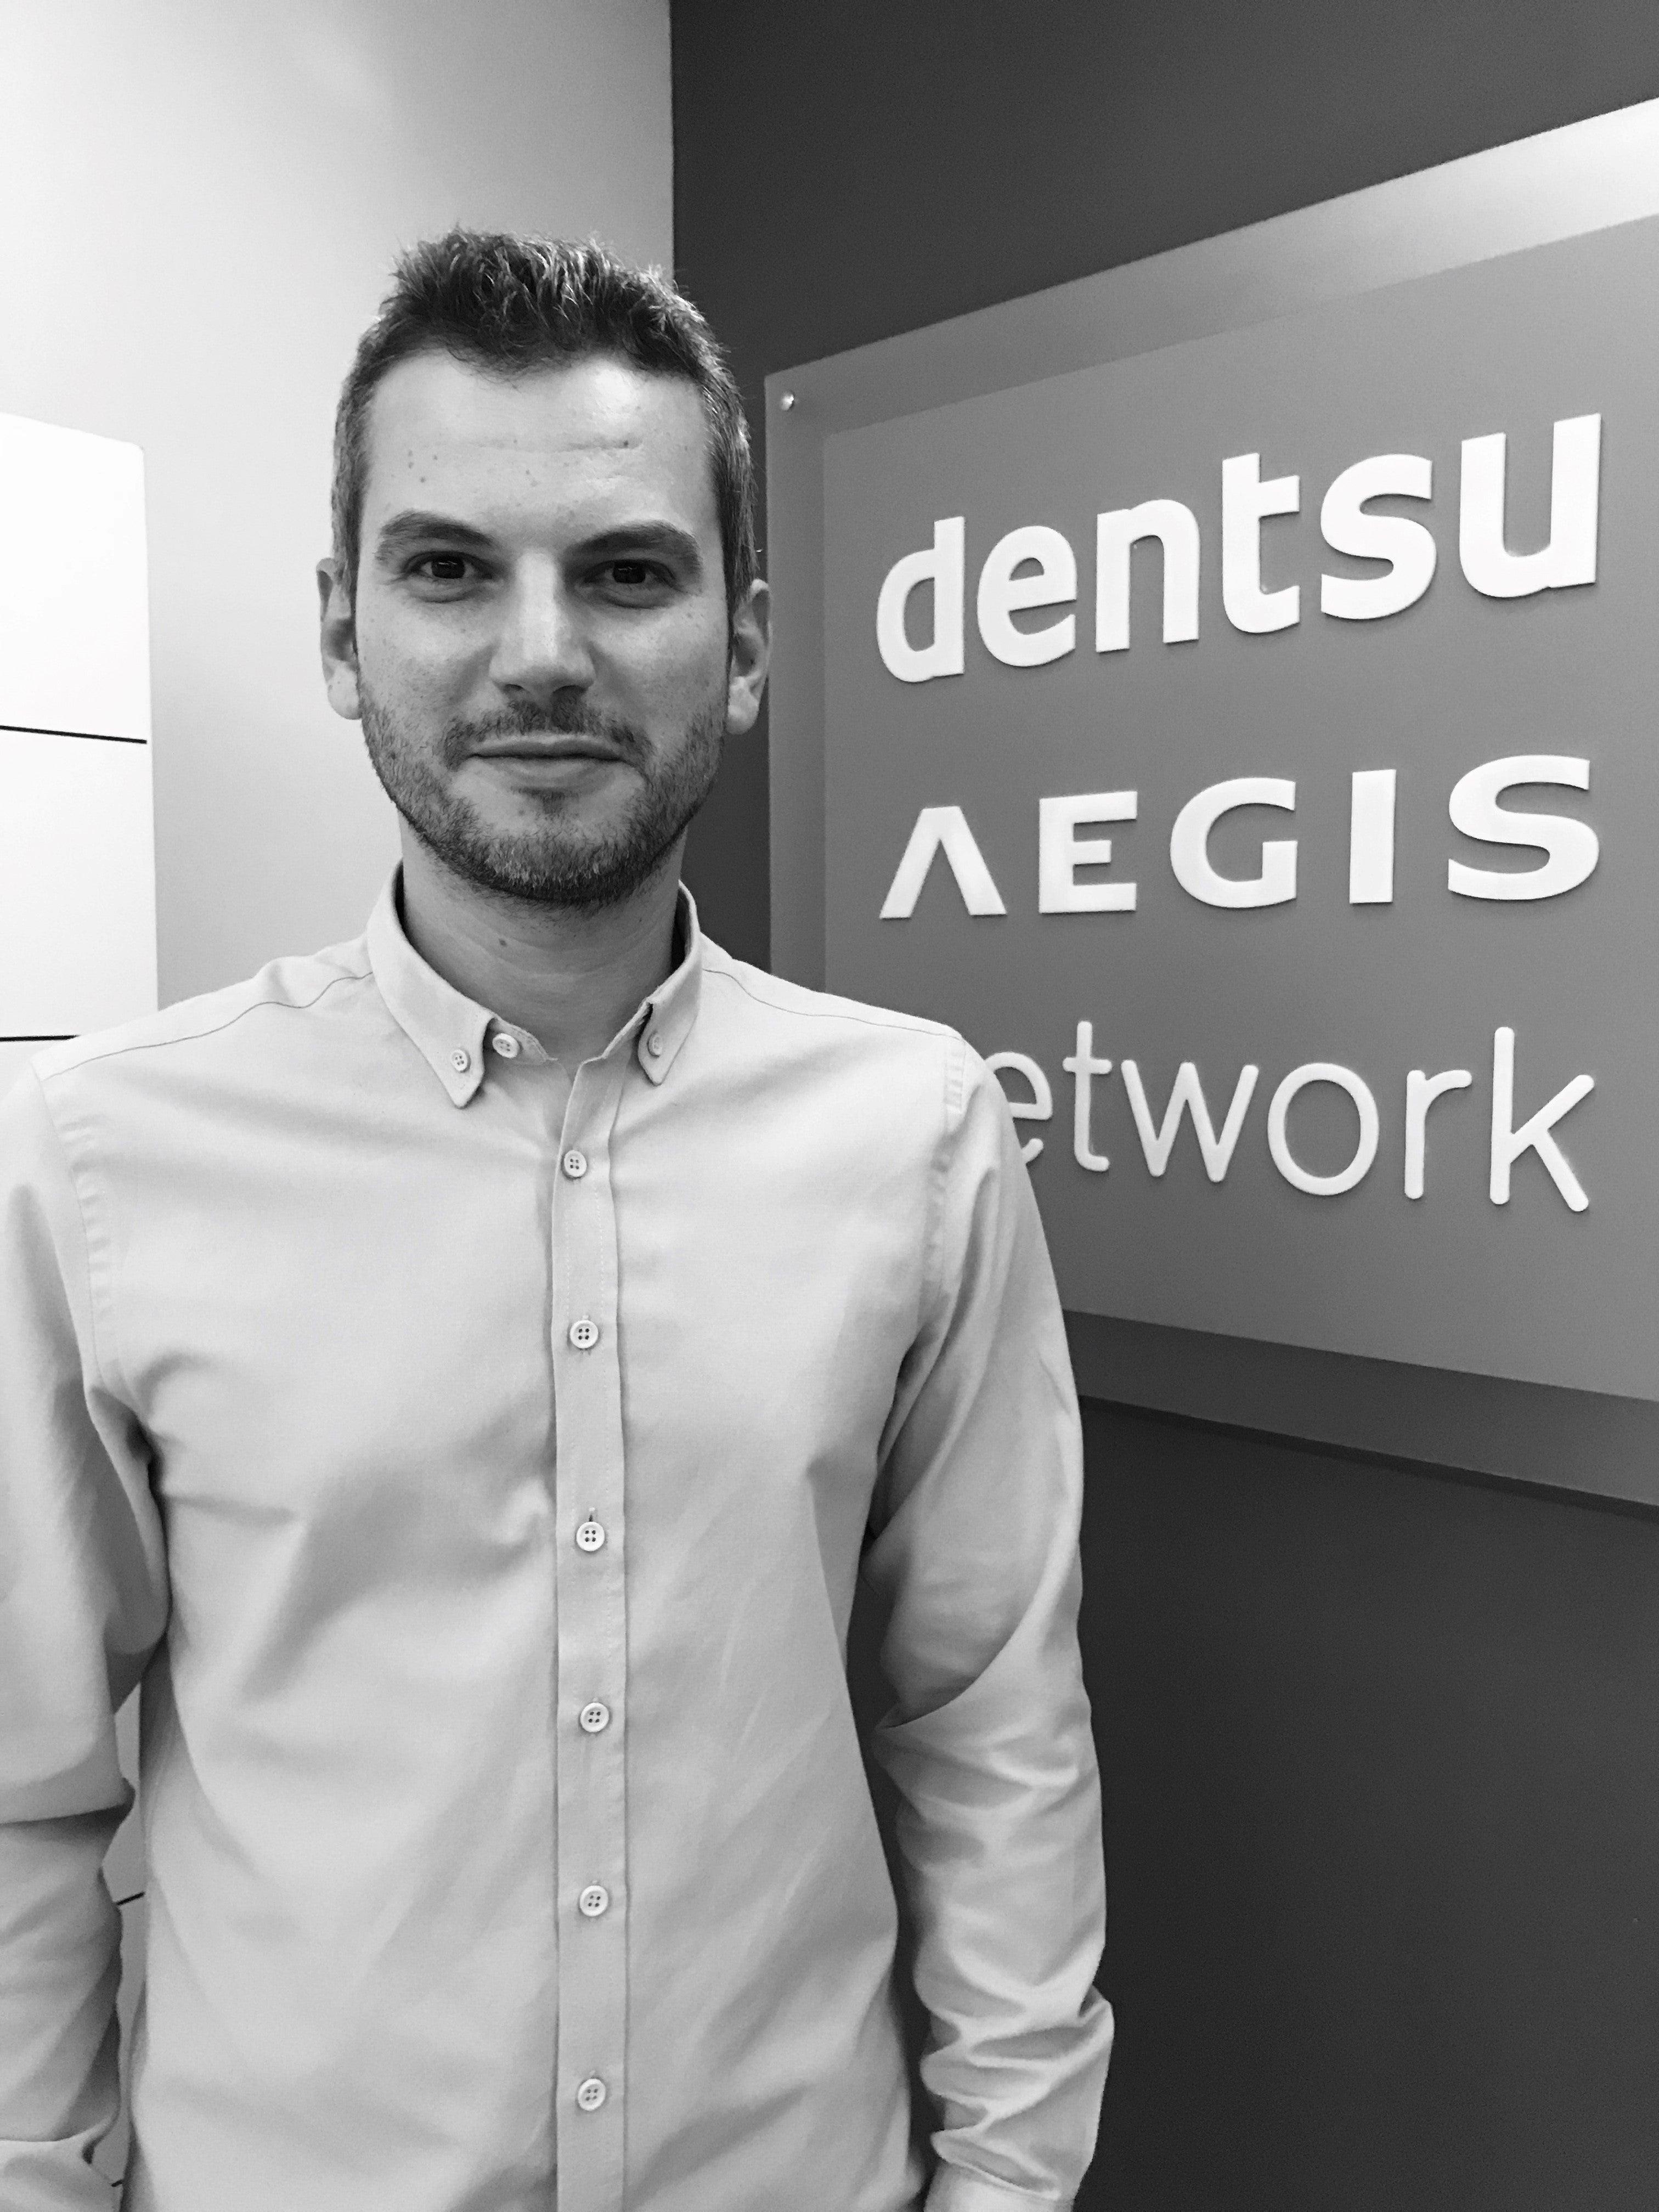 Murat Peksan, Insan Kaynakları Direktörü, Dentsu Aegis Network Türkiye